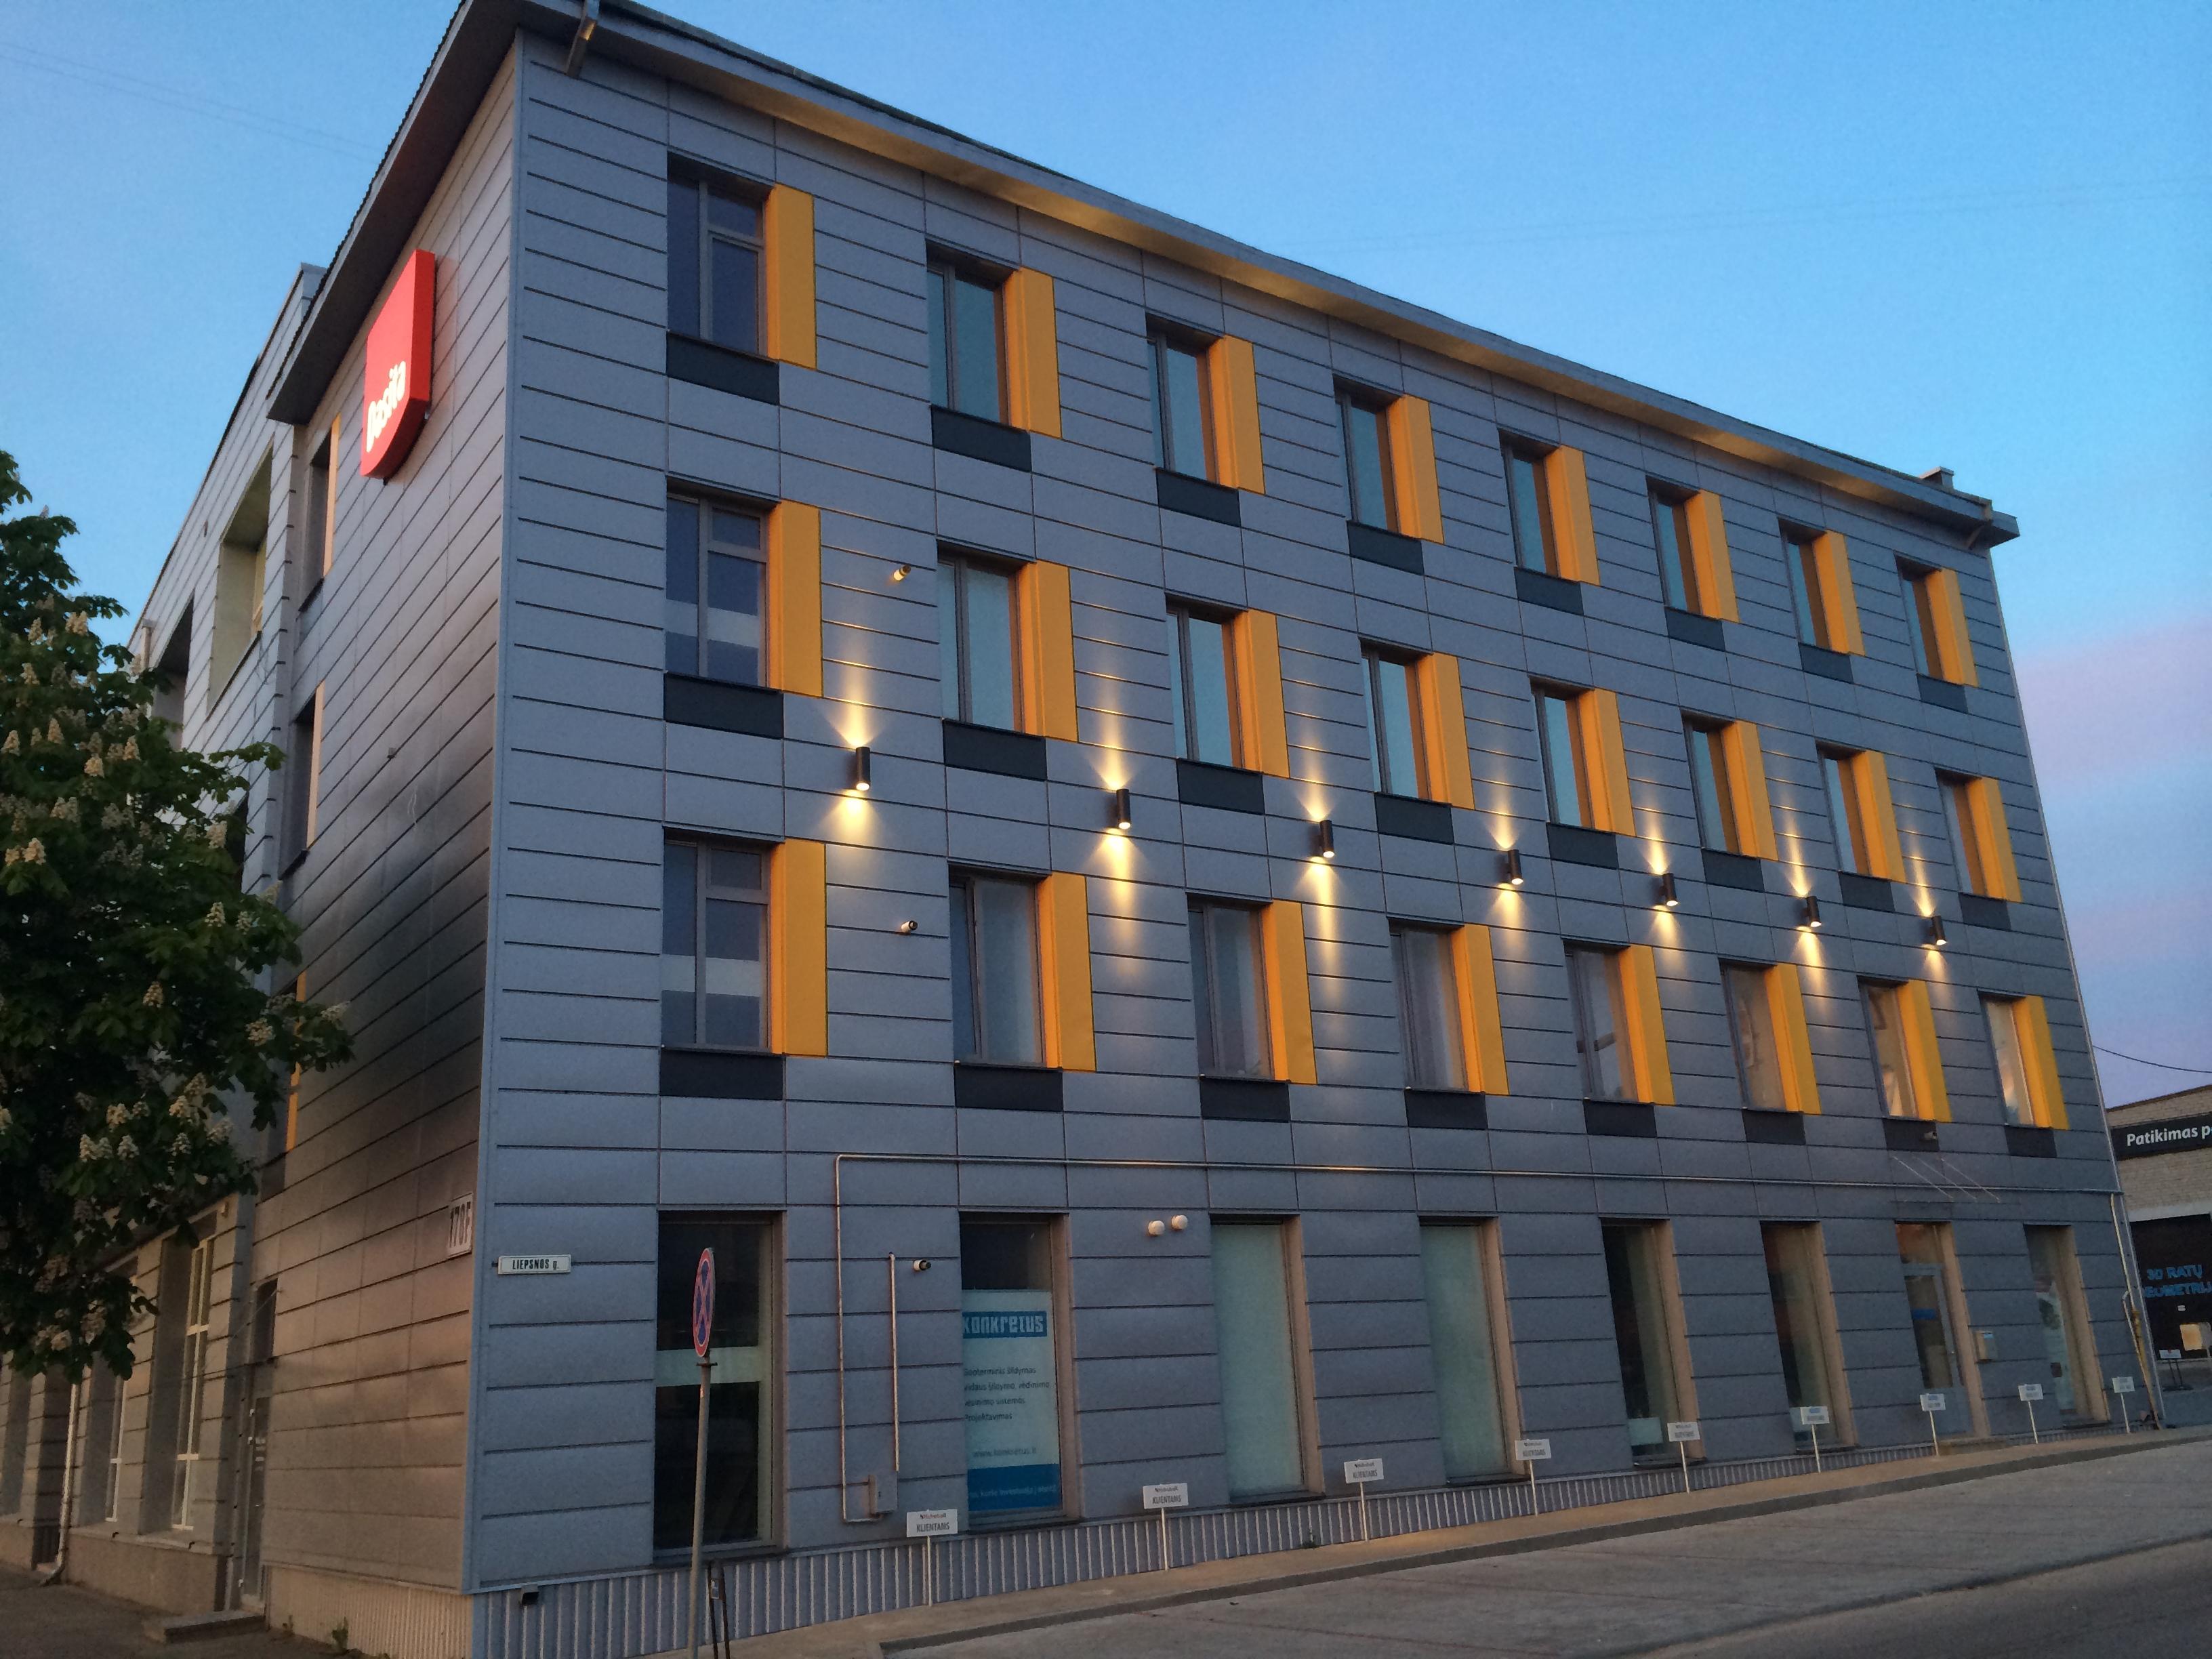 Dasita HQ Vilnius